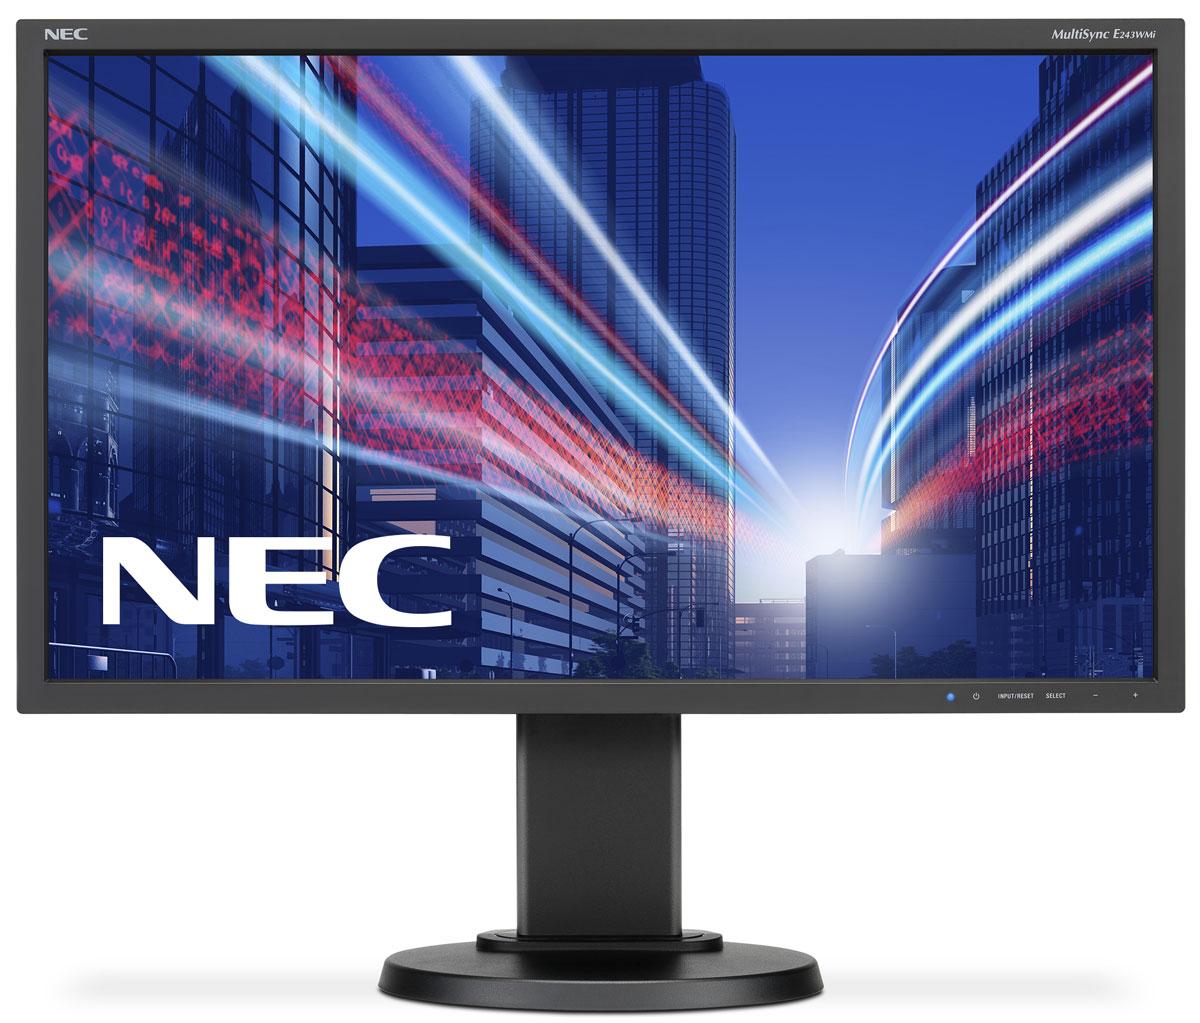 NEC E243WMi, Black мониторE243WMi-BKNEC E243WMi - это профессиональный 24 монитор с форматом 16:9, обладающий лучшей IPS-панелью и современной энергосберегающей светодиодной подсветкой. Данный монитор также обладает современными возможностями подключения с помощью DisplayPort, а также удобными эргономическими характеристиками для профессиональной эксплуатации в офисах. Благодаря низкому энергопотреблению и низким эксплуатационным расходам этот монитор является идеальным решением для эксплуатации в профессиональных офисных условиях. Отличные эргономические характеристики обеспечивают удобство в обращении и позволяют повысить производительность.